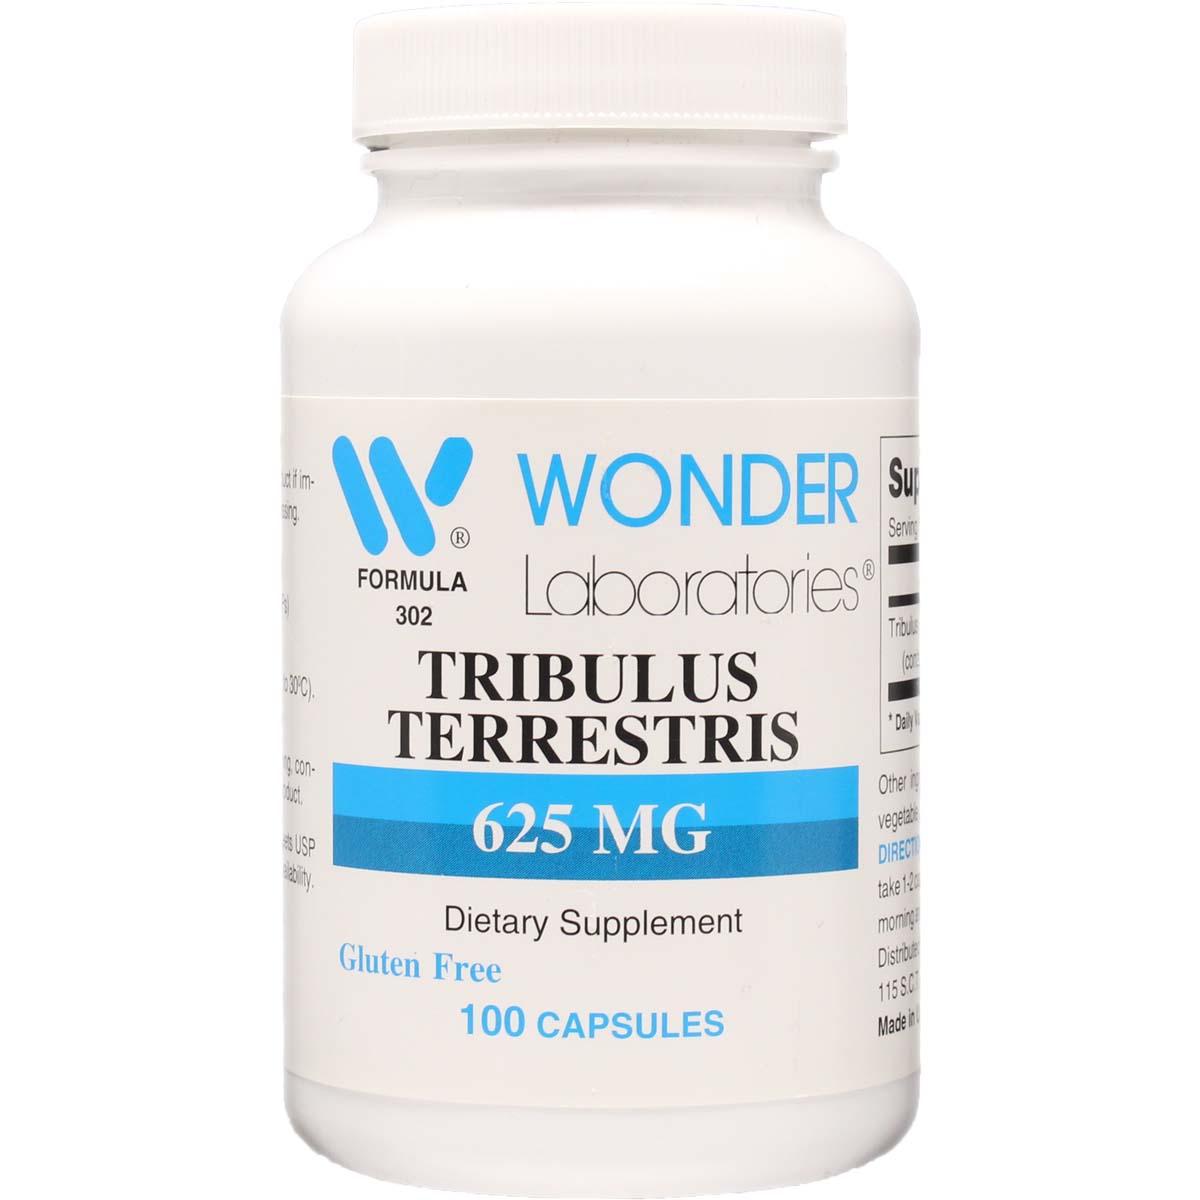 Tribulus Terrestris 625 Mg 100 Capsules Item 3021